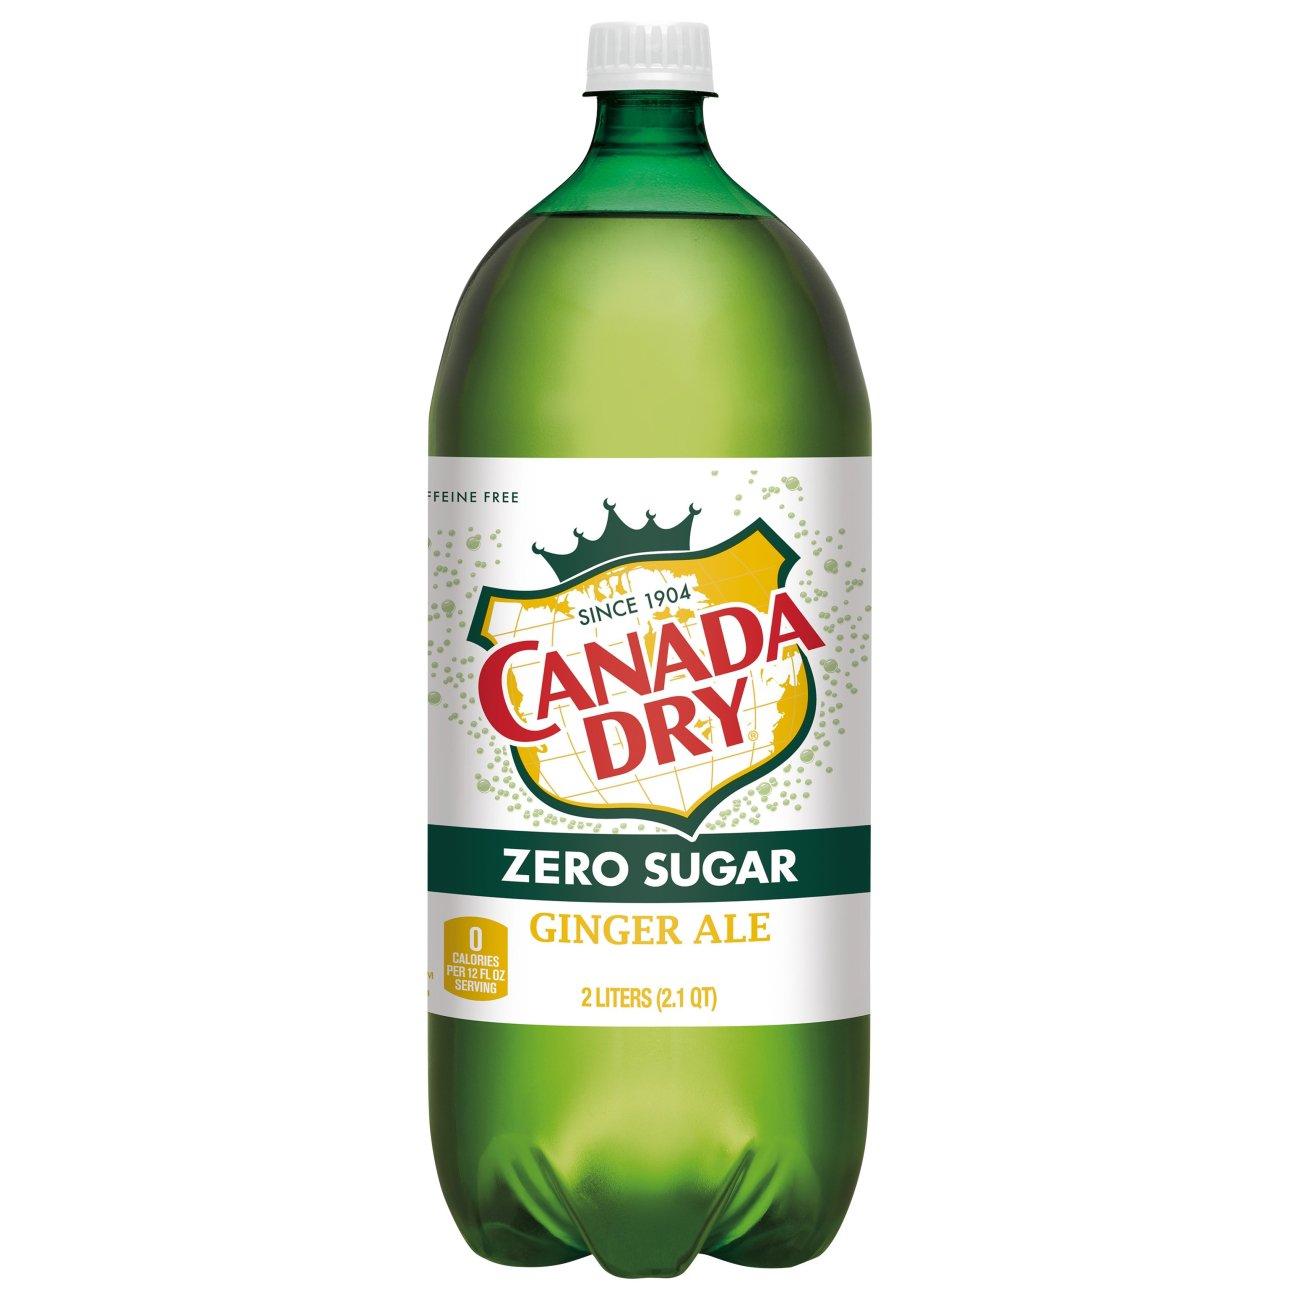 is diet ginger ale caffeine free